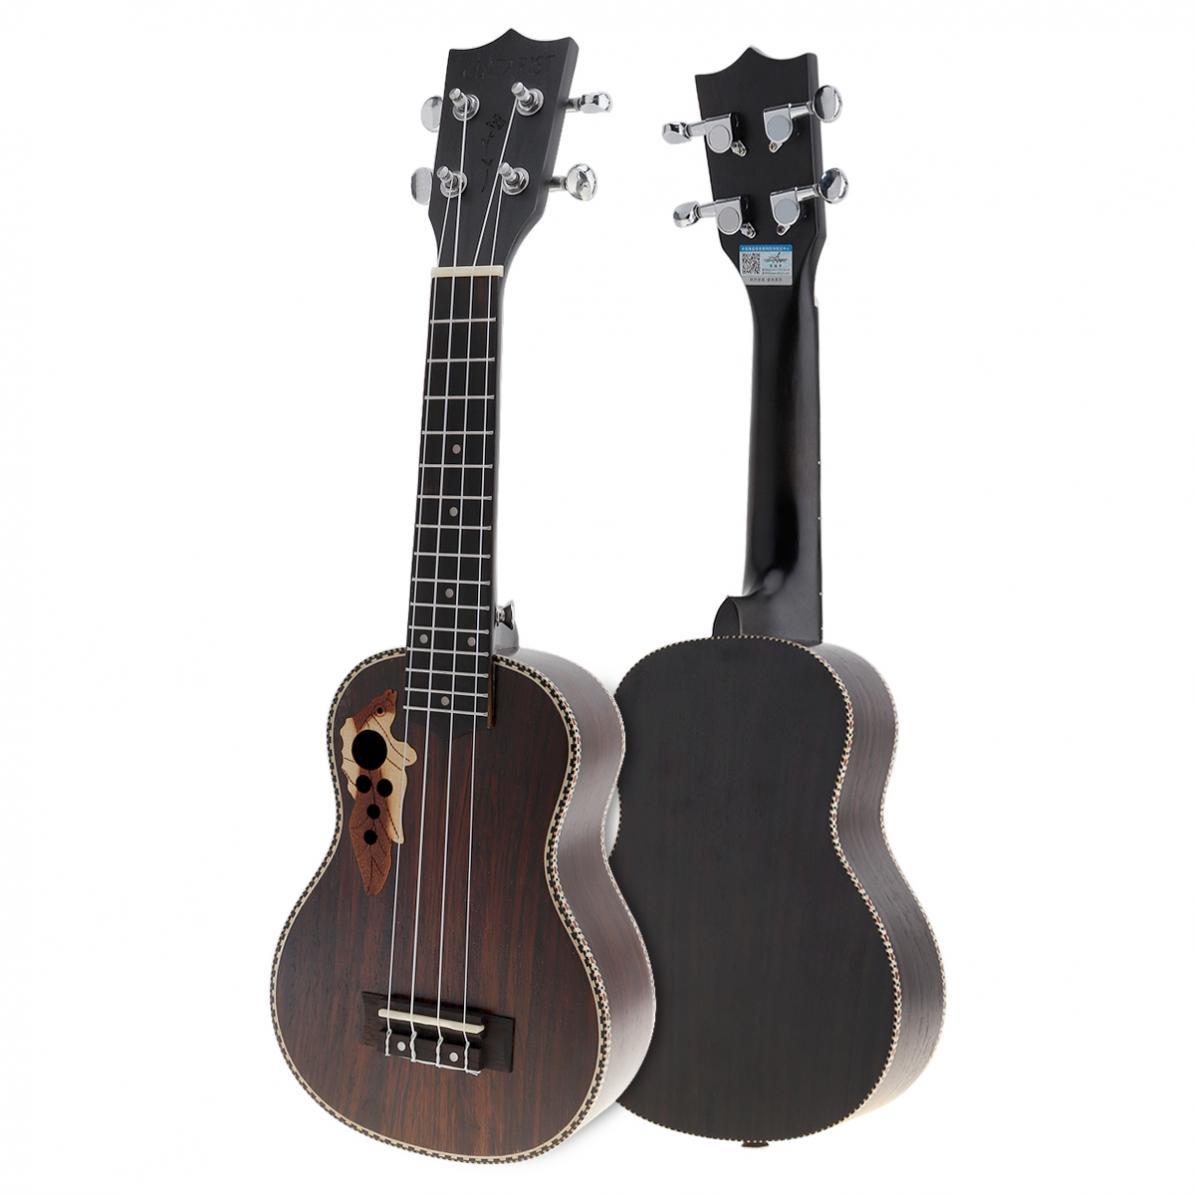 21 pouces Soprano plein bois de rose acoustique ukulélé Uke 4 cordes hawaï guitare guitare Guitarra Instrument avec chaîne italienne AQ